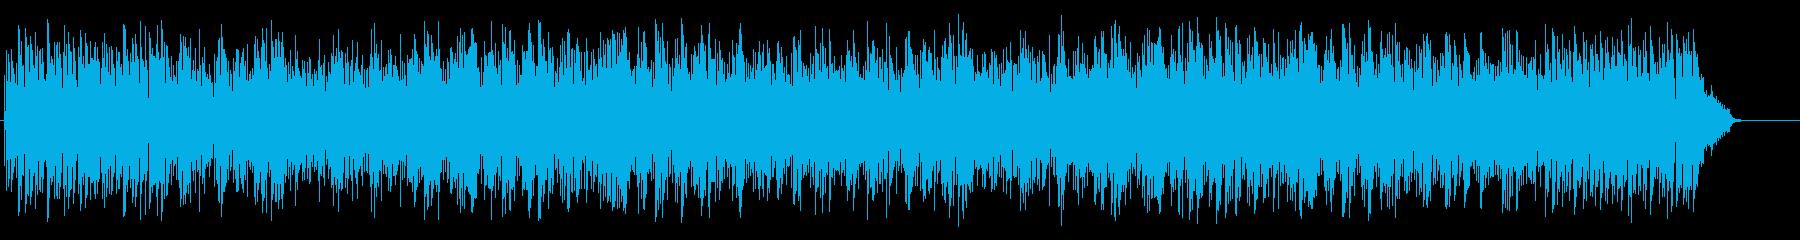 柔軟でムーディなボサノバ・ミュージックの再生済みの波形